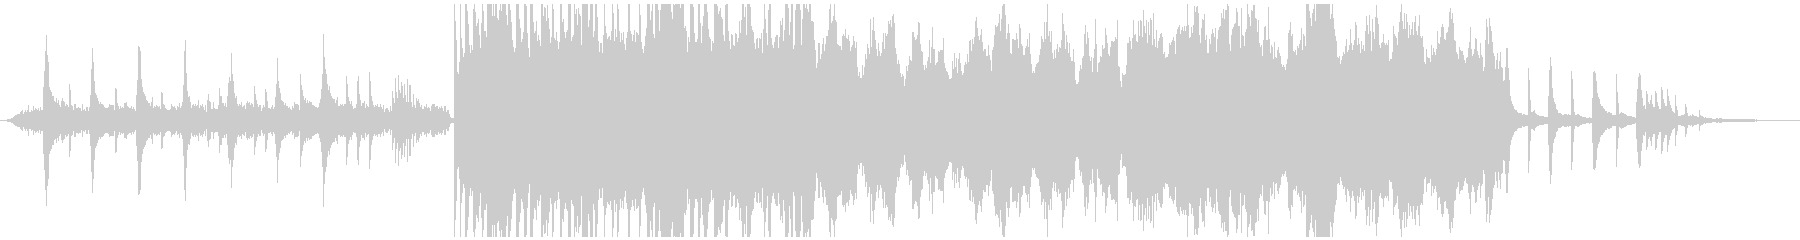 ピアノとストリングスの感動壮大バラードの未再生の波形